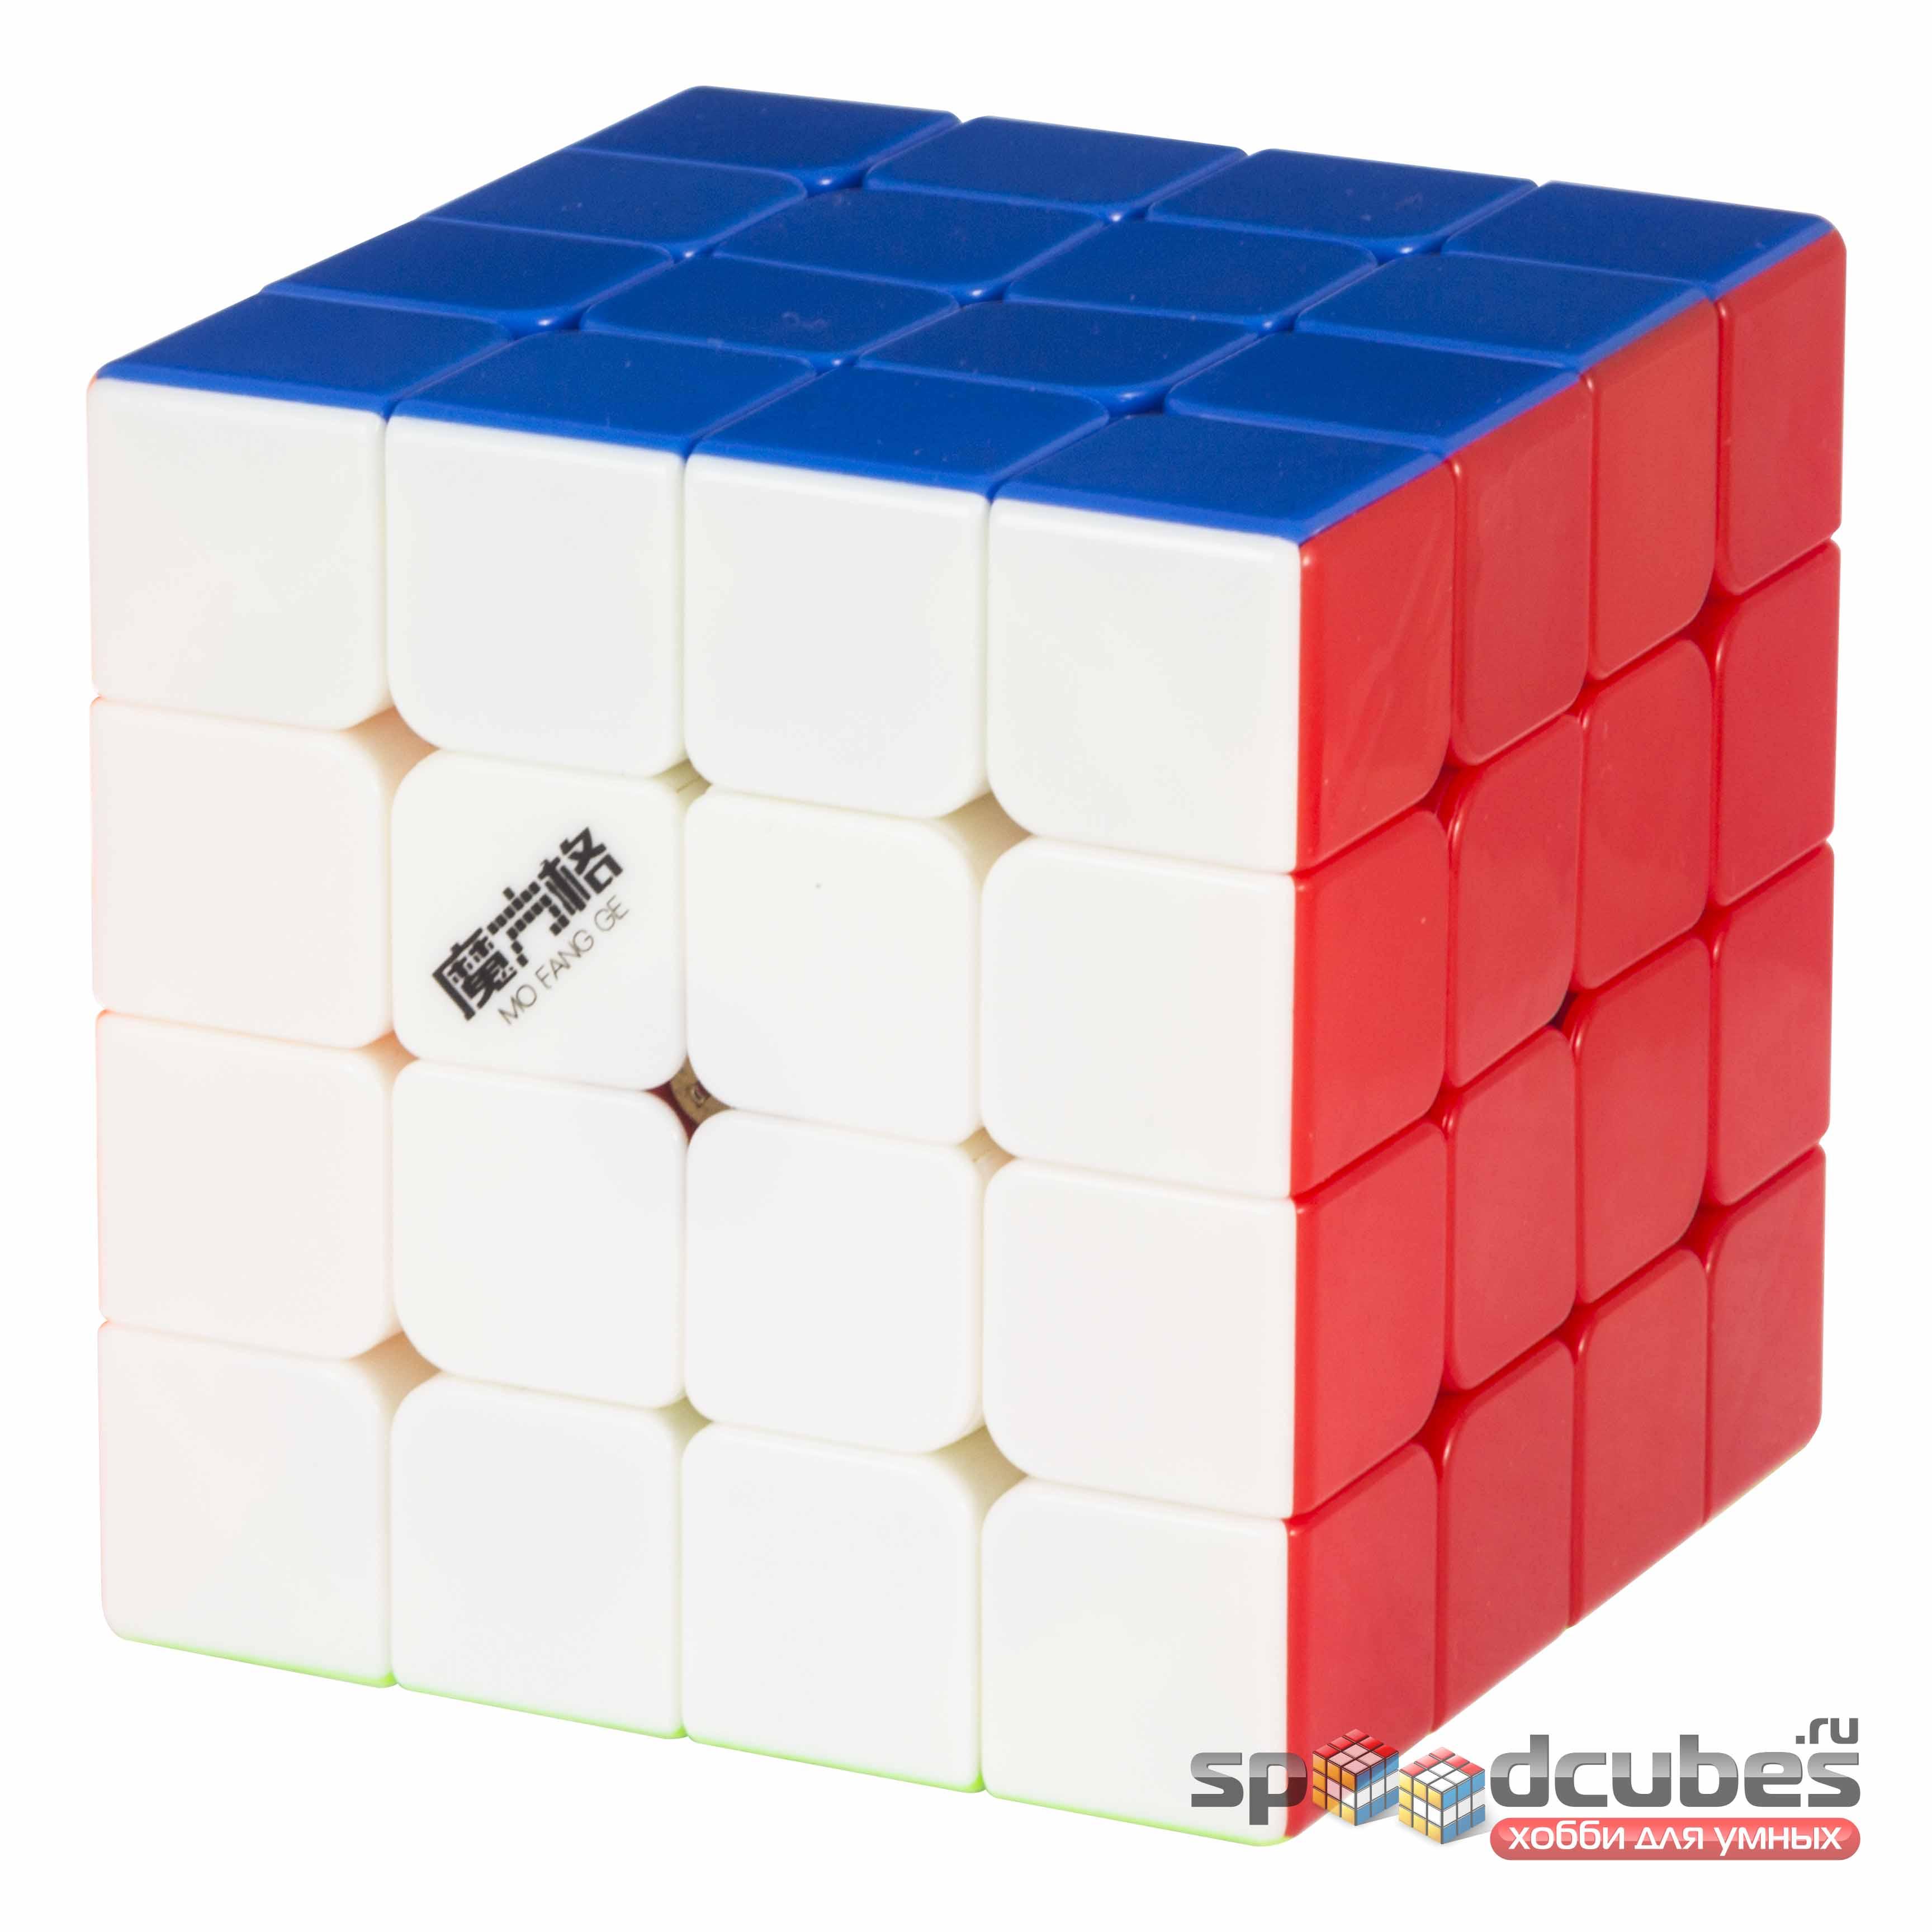 QiYi MoFangGe 4x4x4 WuQue Tsv 2